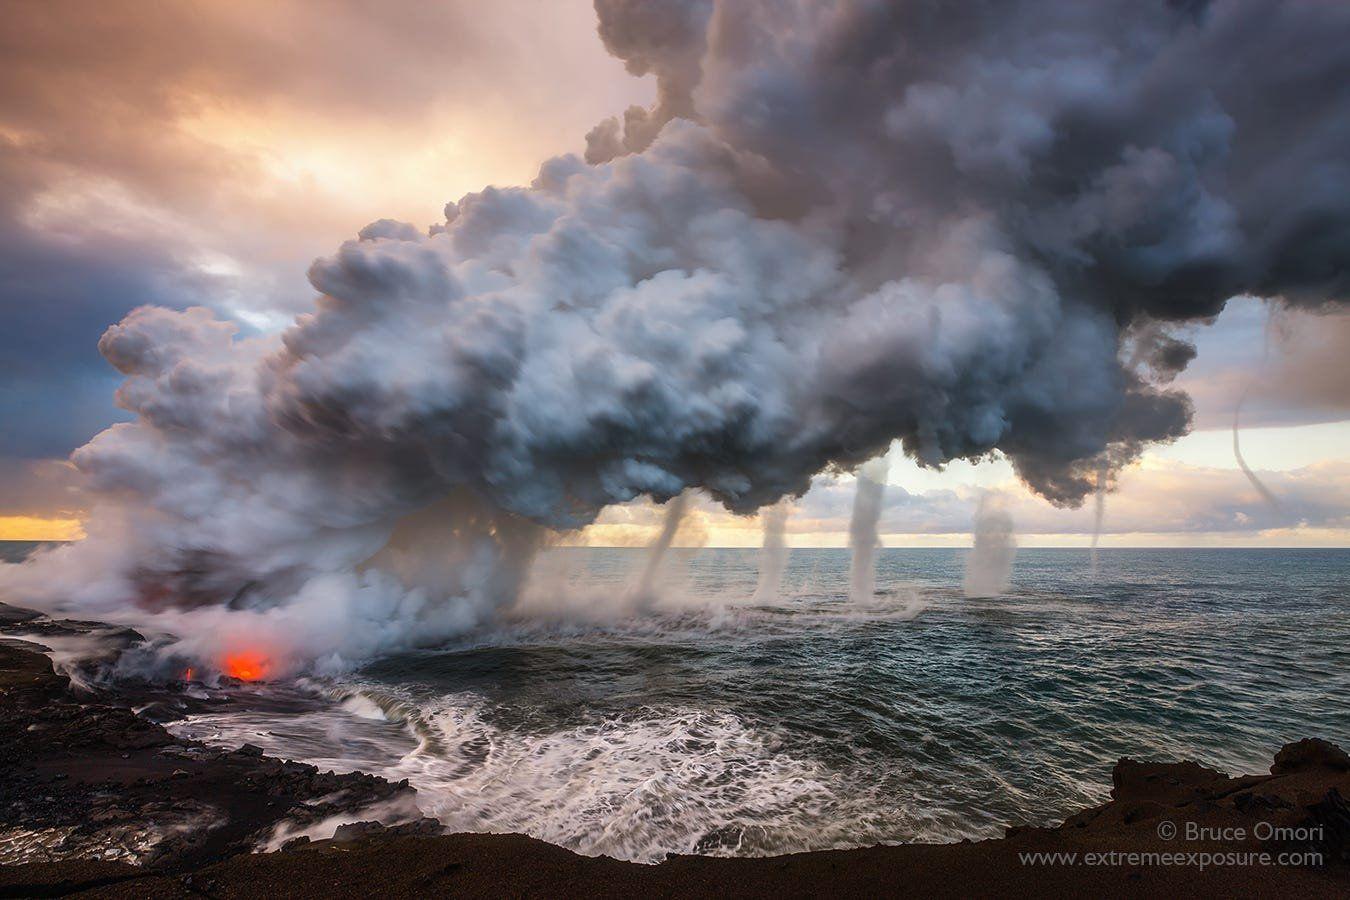 Зустріч вогню і води: у Мережі з'явилося неймовірне фото торнадо, утвореного гарячою лавою в океані